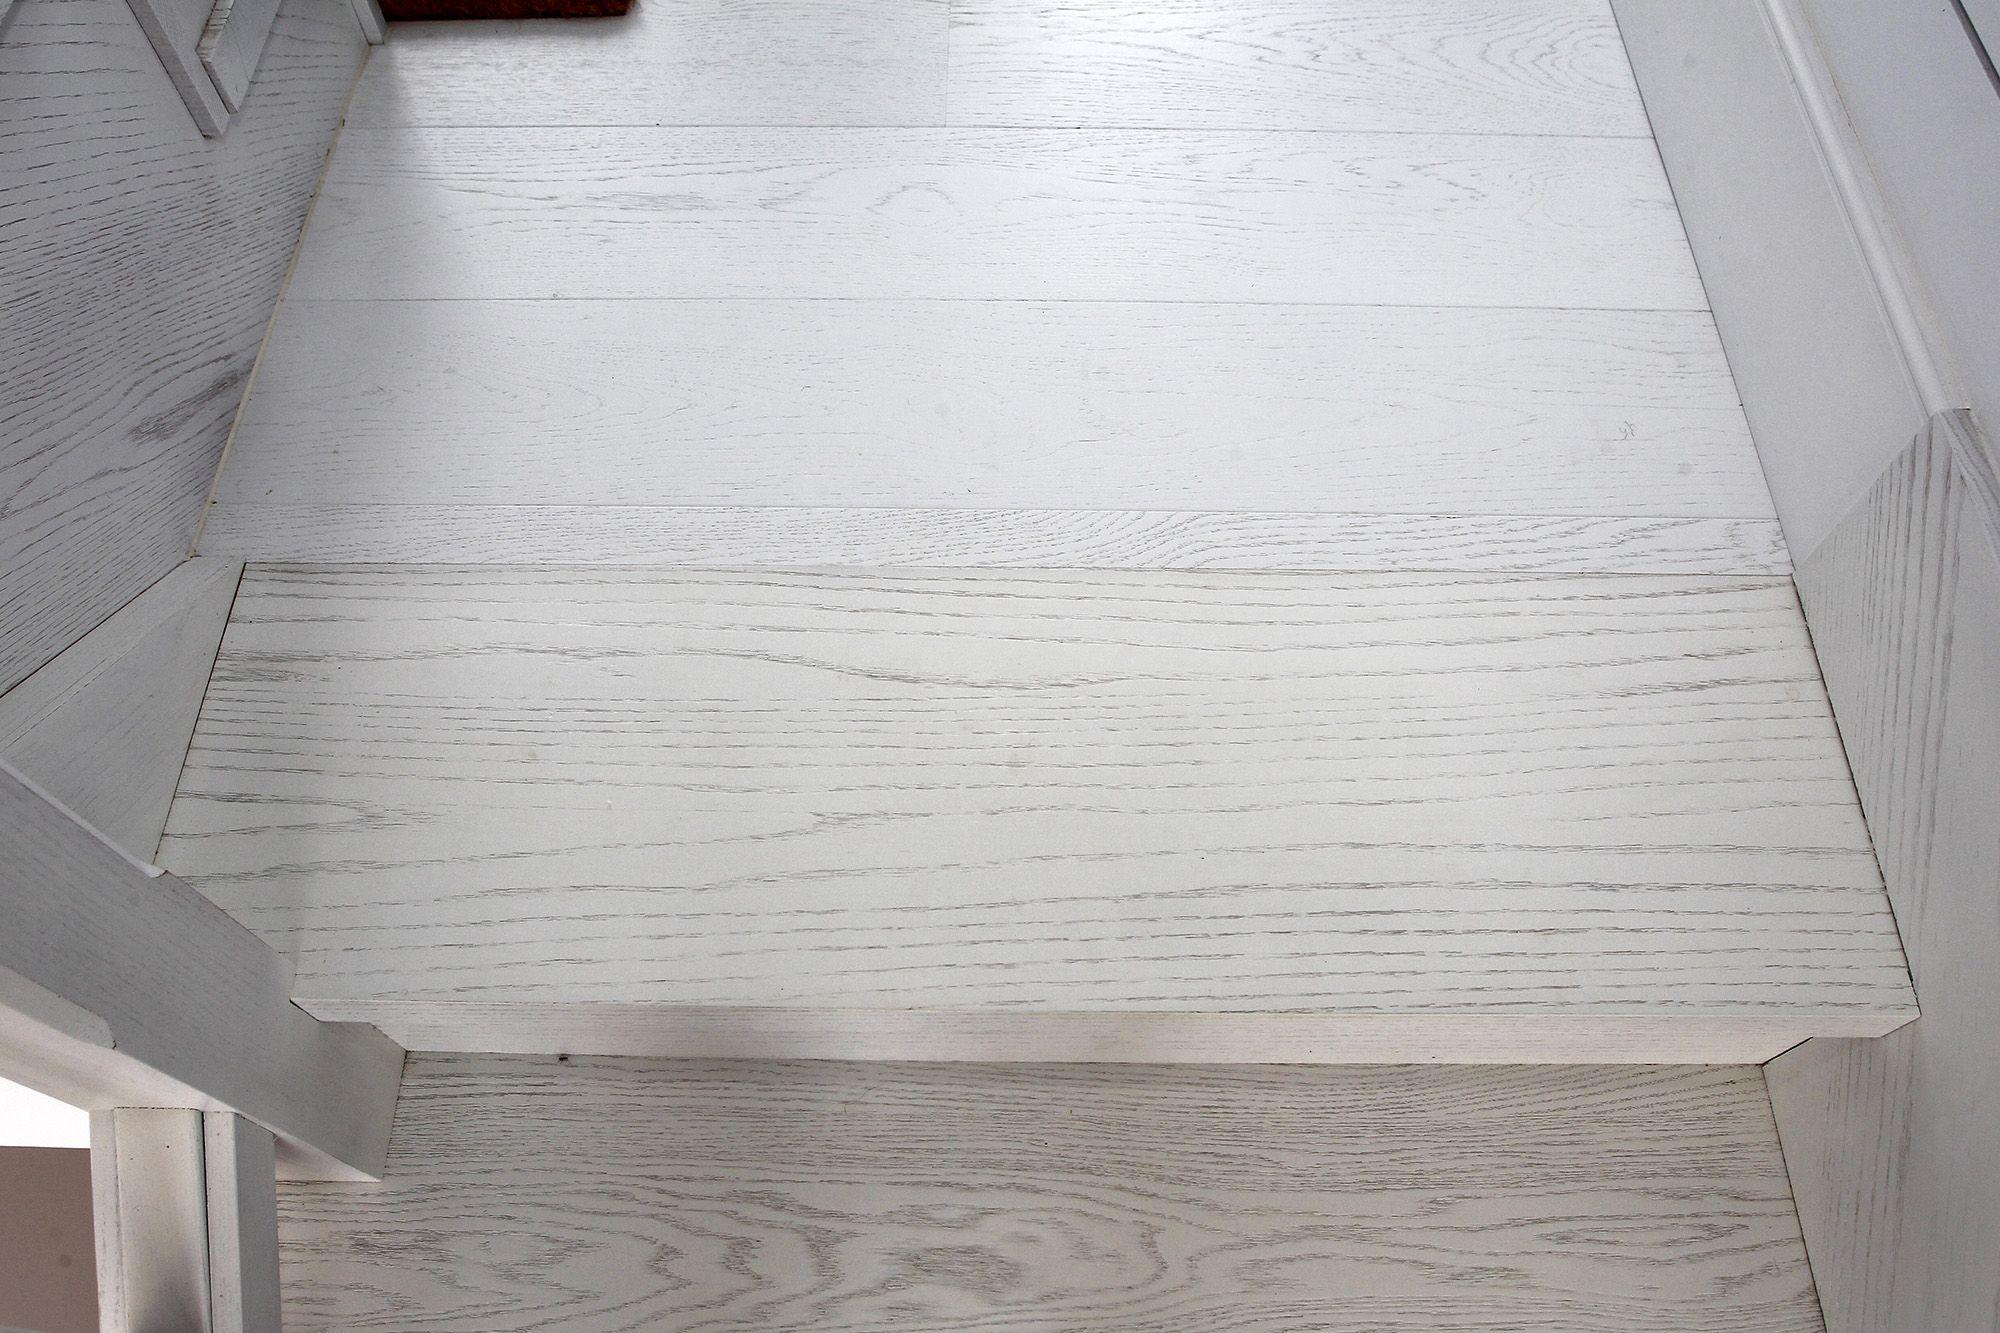 escalera en madera lacado blanco mate